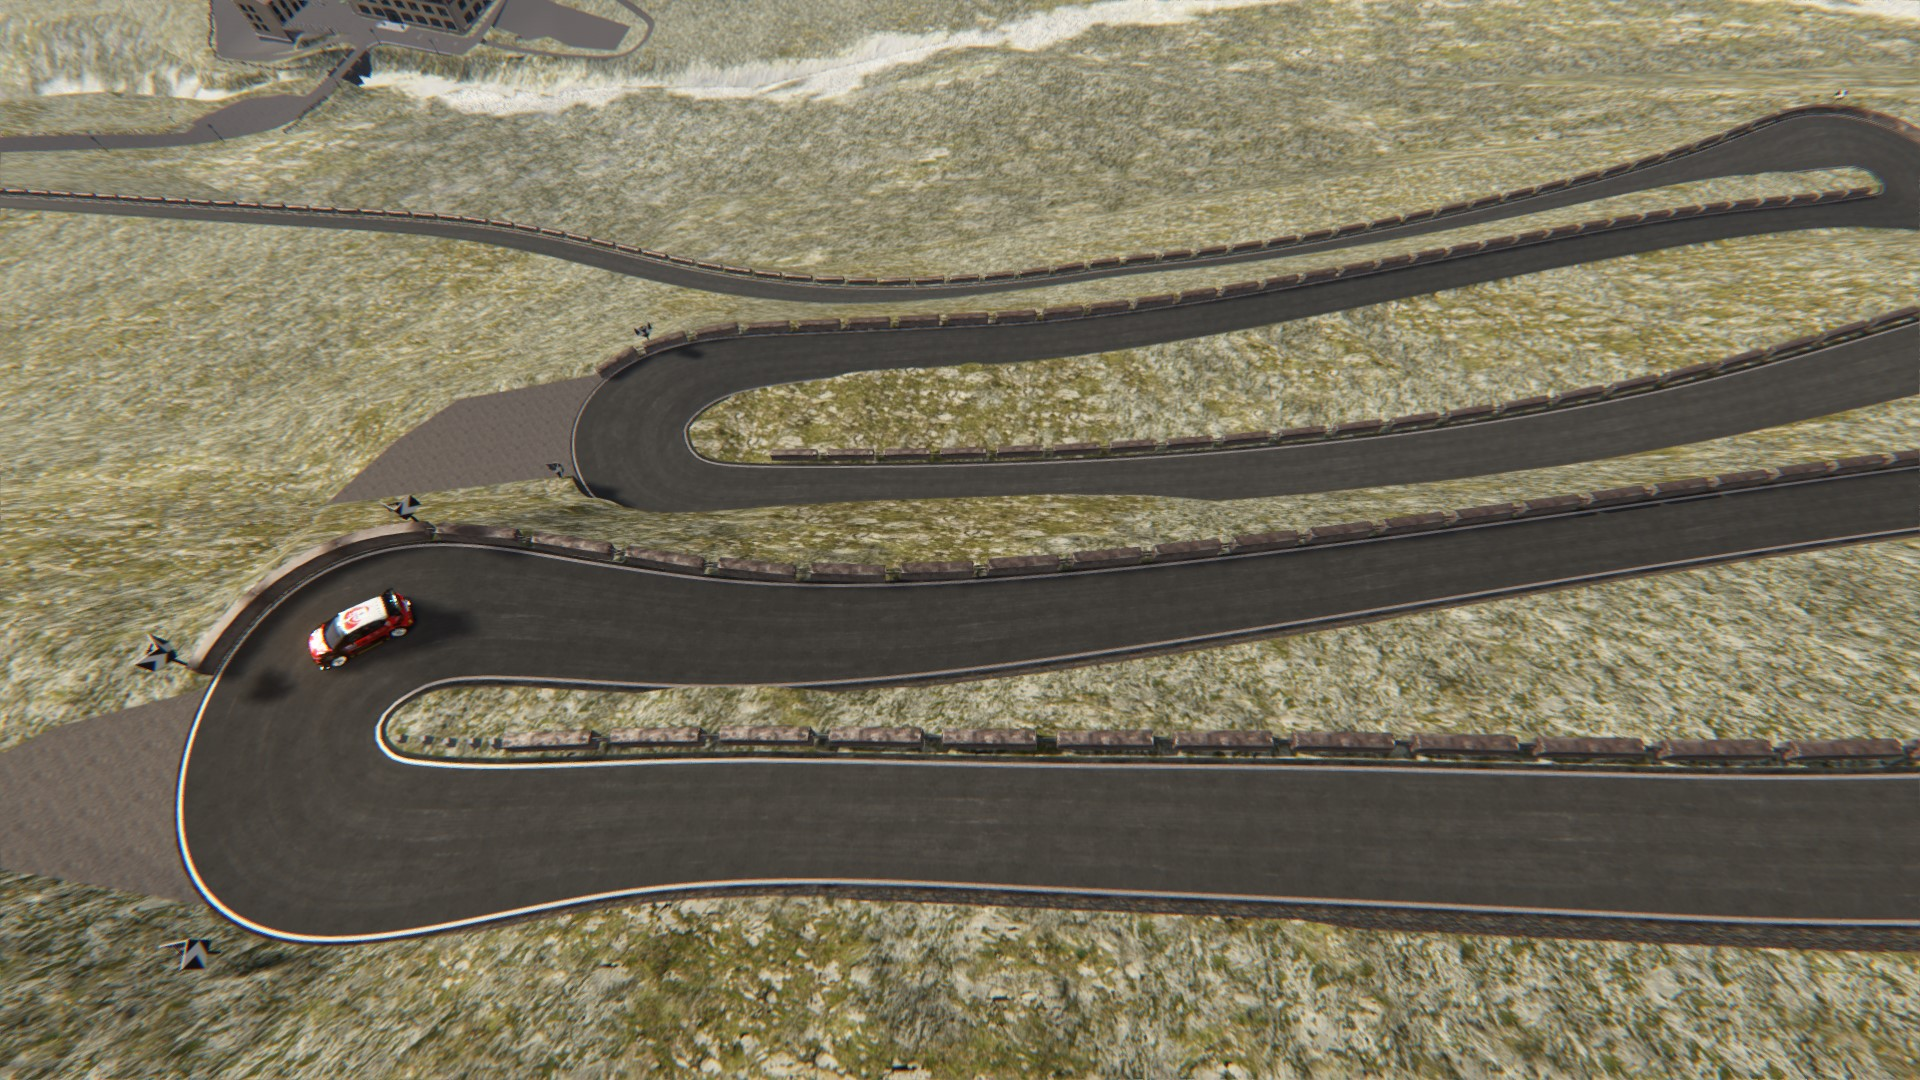 Screenshot_wrc_citroen_c3_alpine_pass_2-2-120-11-33-56.jpg